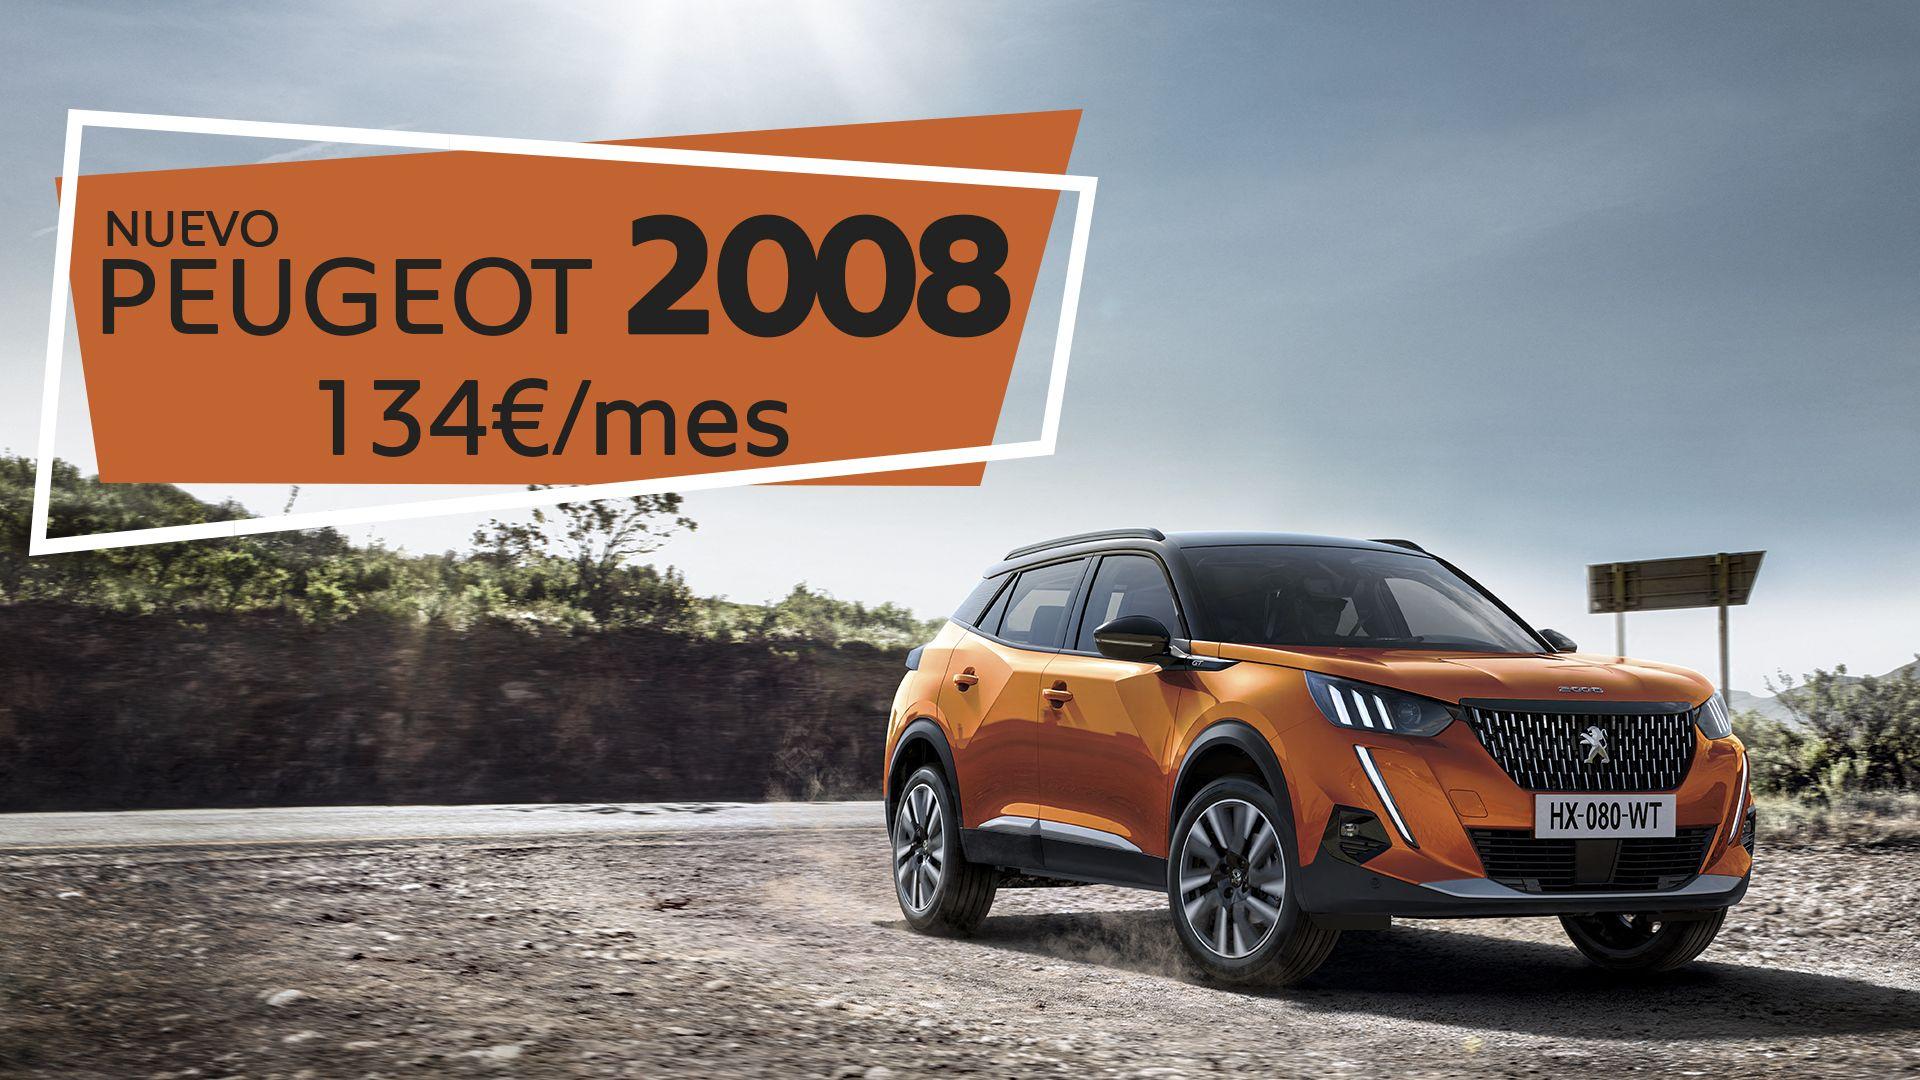 Disfruta del NUEVO Peugeot 2008 por sólo 134€/mes